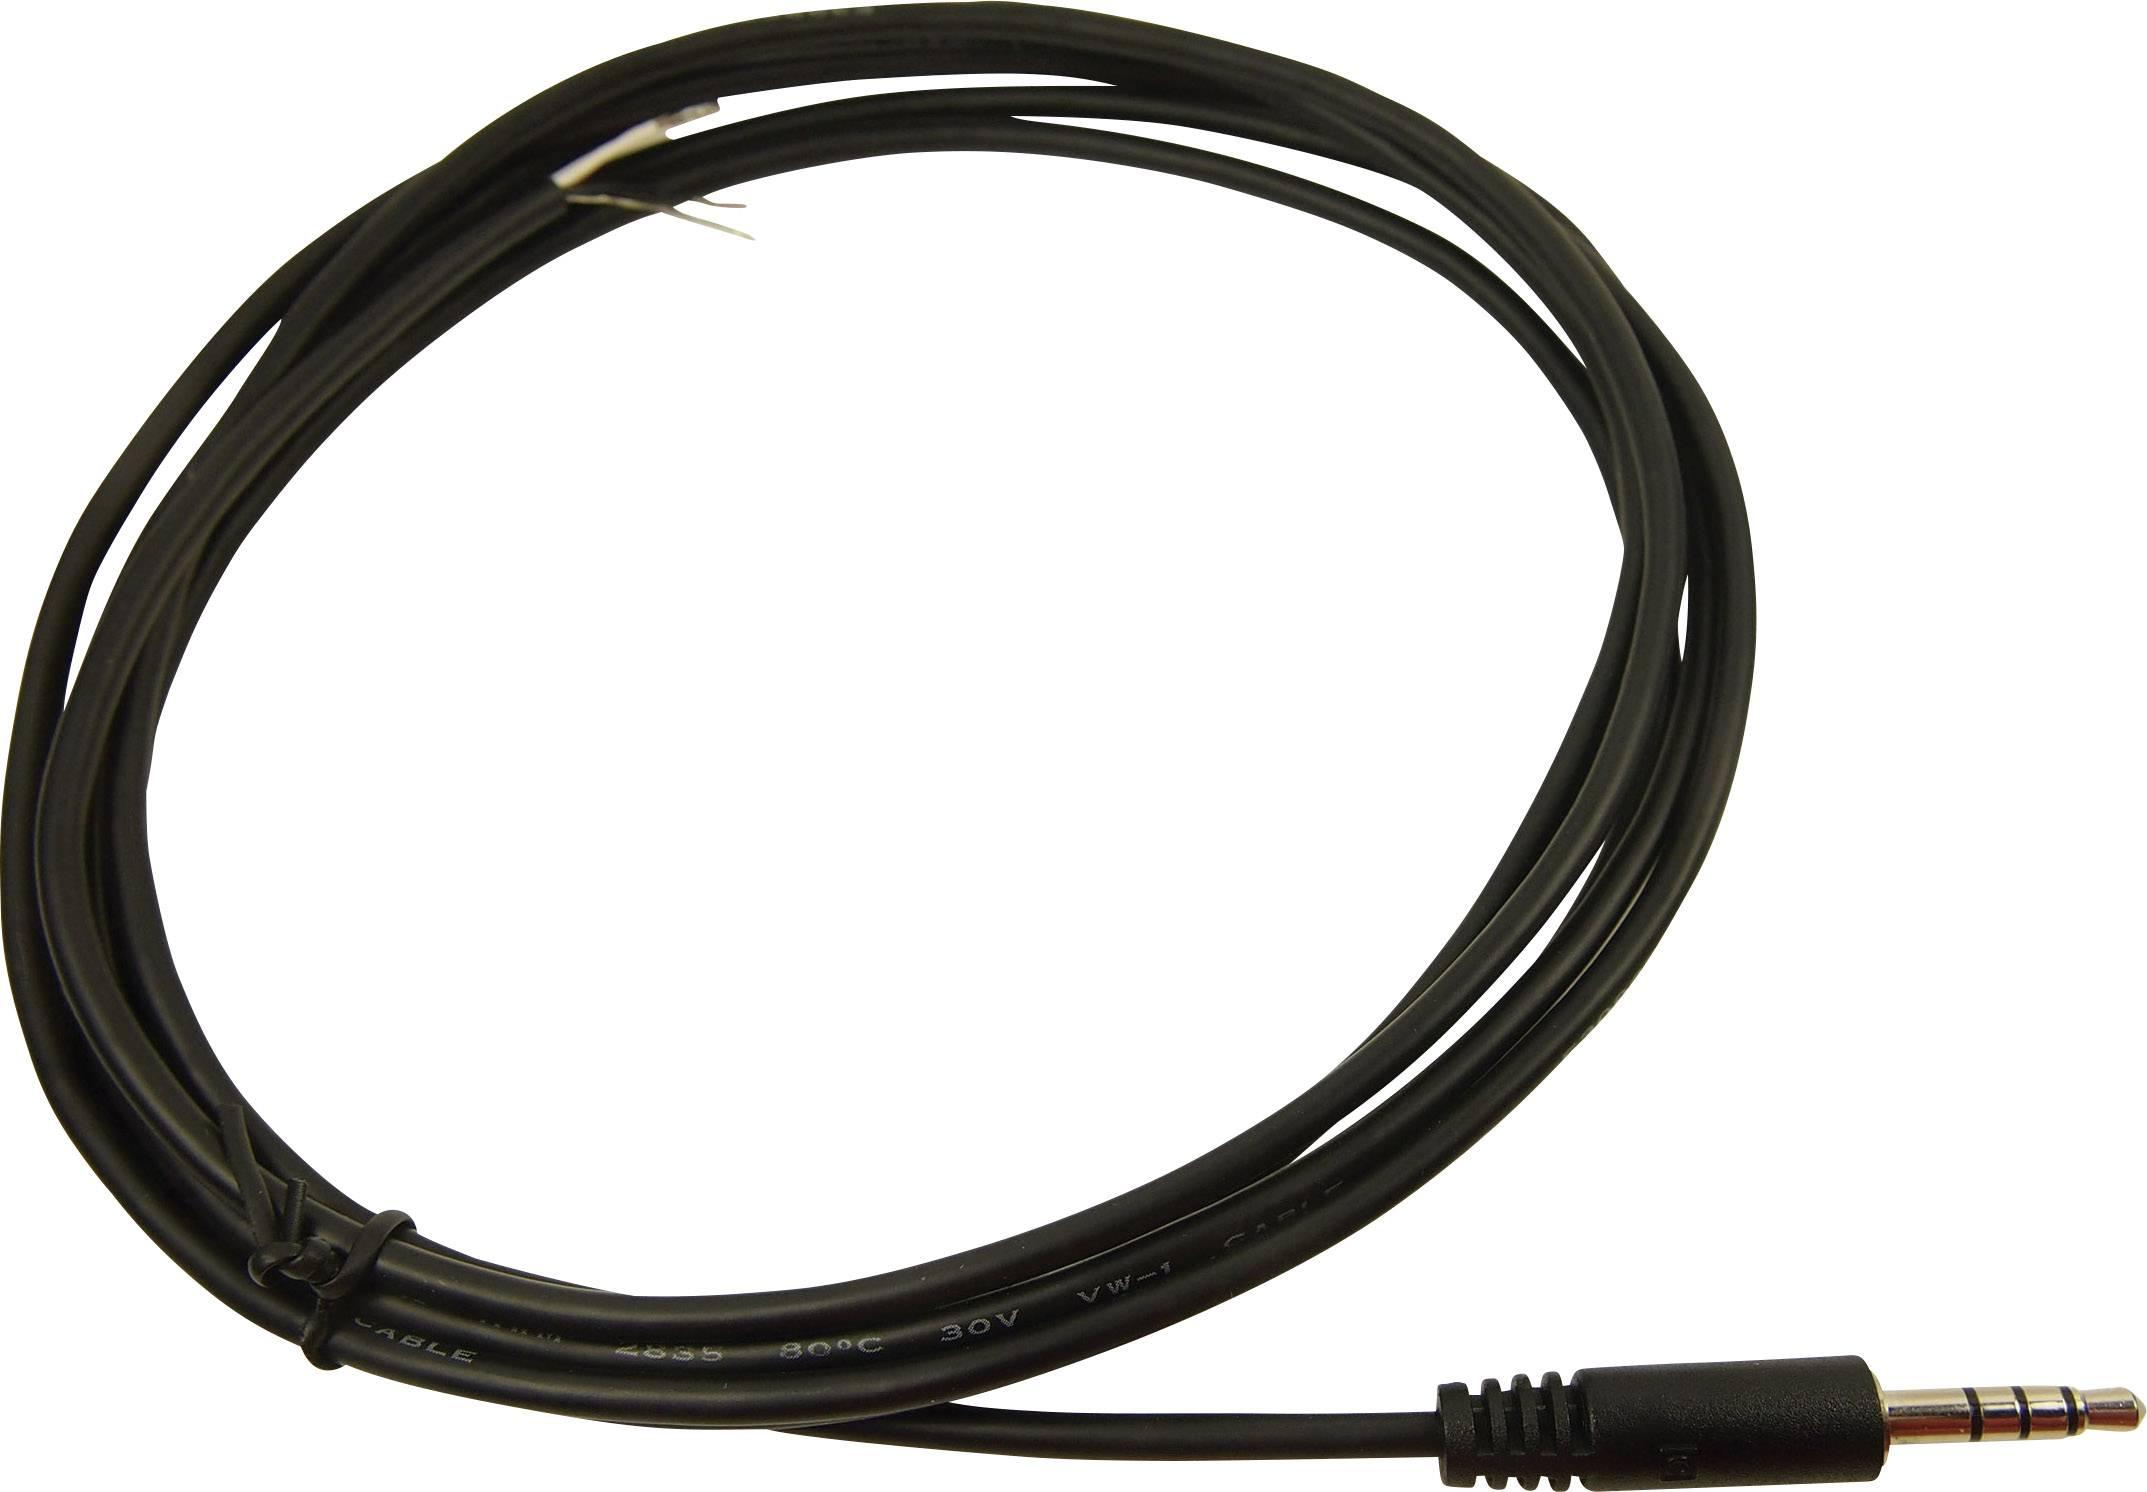 Pripojovací kábel jack jack zástrčka 3,5 mm - kábel, otvorený koniec Cliff FC68122C, stereo, pólů 4, FC68122C, 1 ks